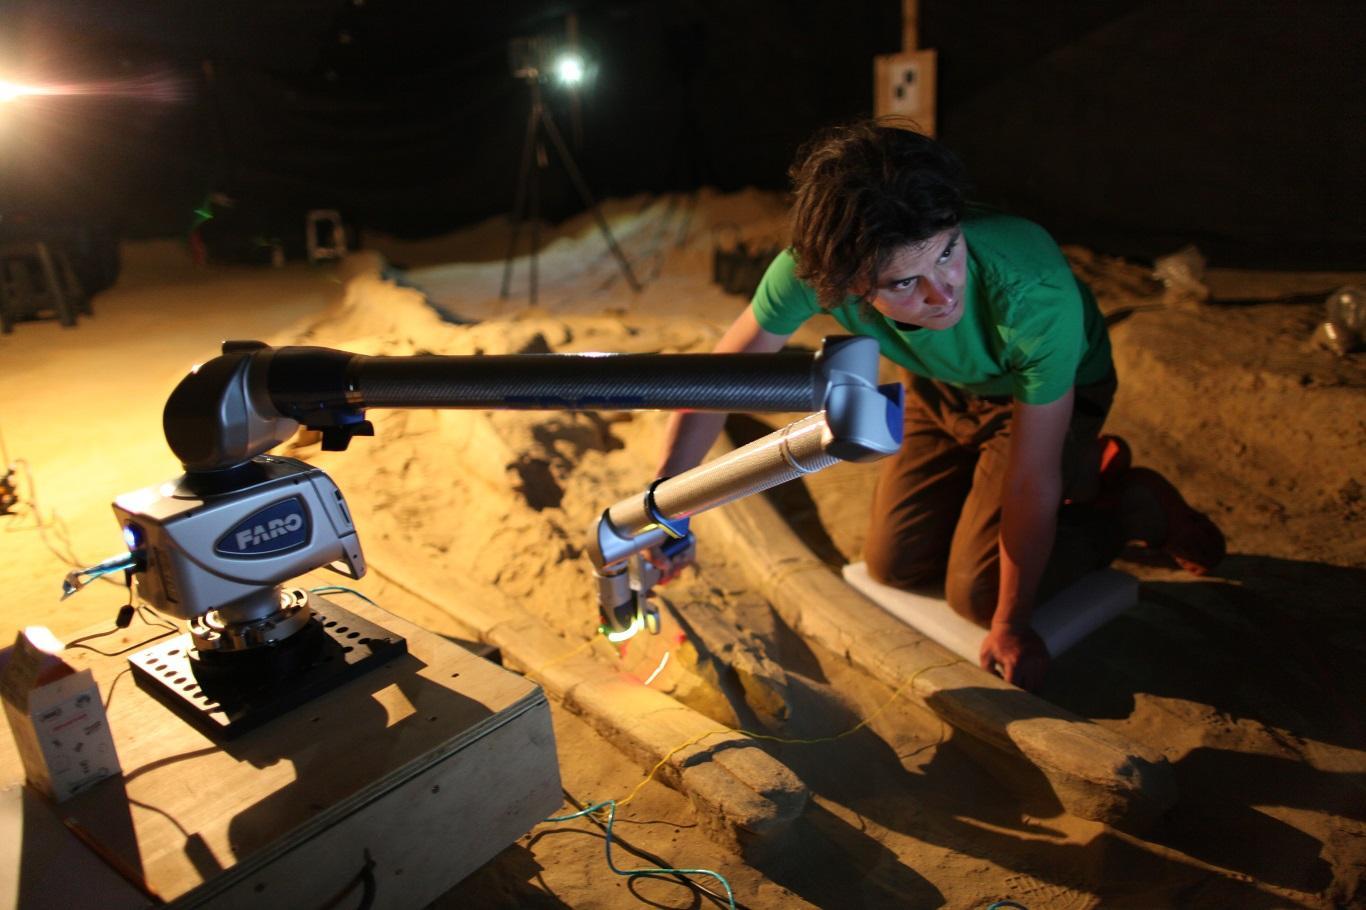 داخل الخيمة ليلاً، مسح ضوئي ثلاثي الأبعاد لموقع MPC 677، الحوت الأخدودي الأحفوري الأكثر اكتمالاً من سيرو بالينا في 2011. تصوير مؤسسة سميثسونيان.